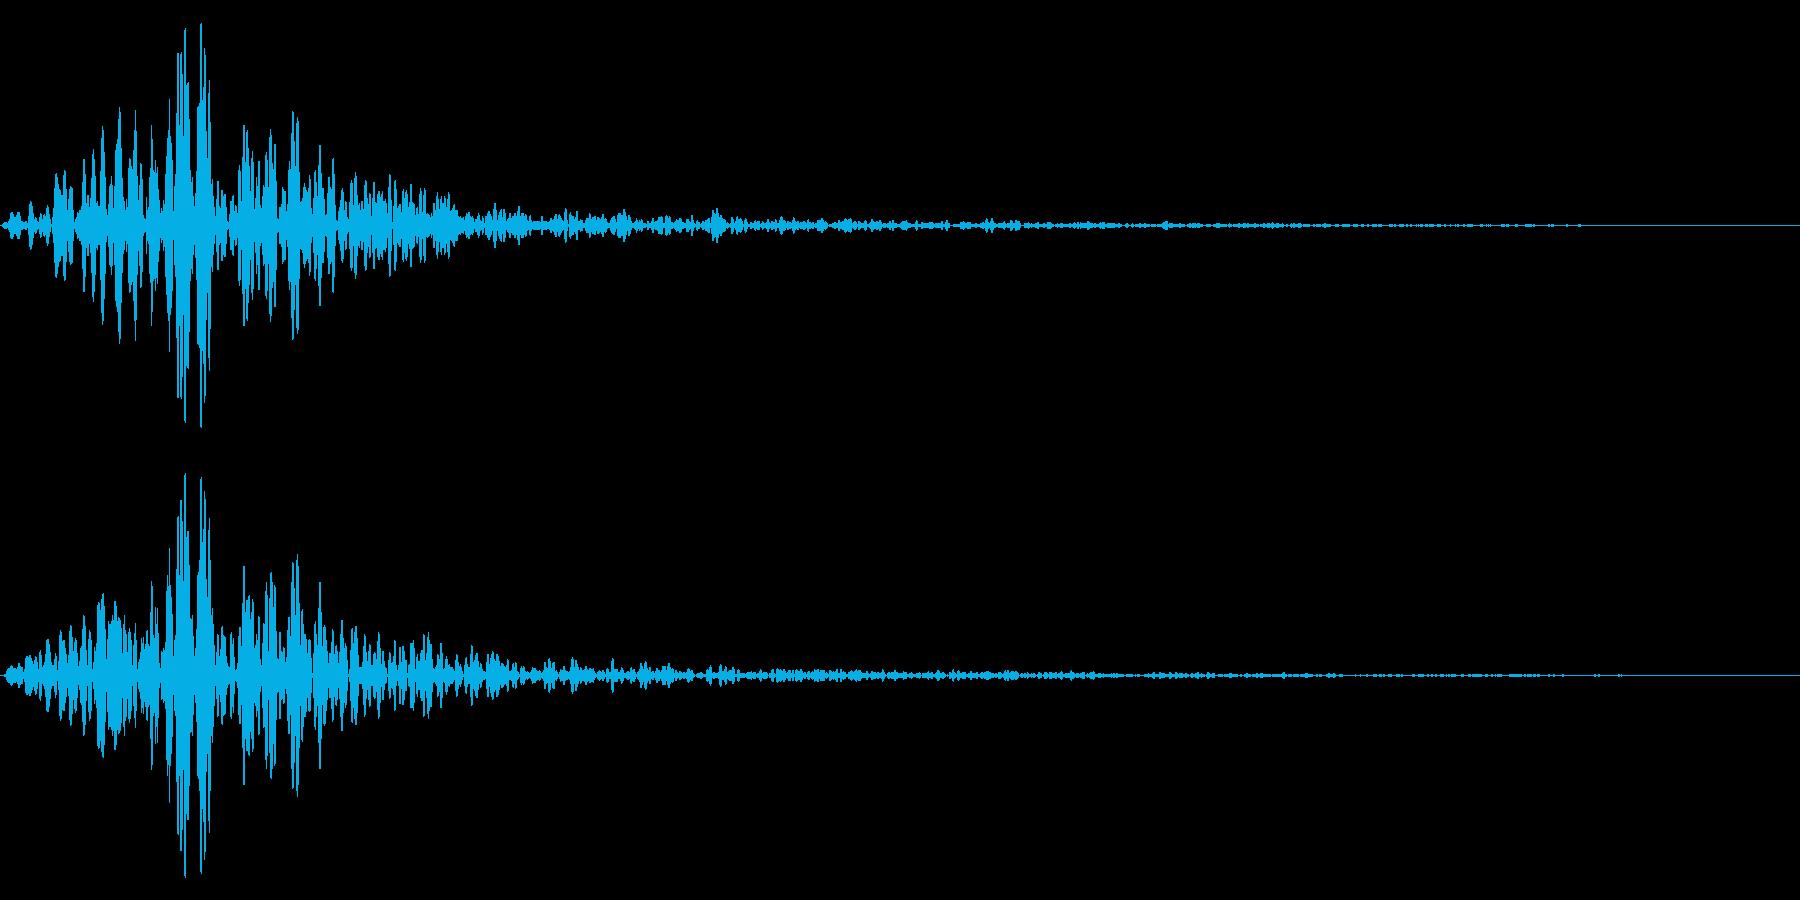 ホラー系アタック音120の再生済みの波形